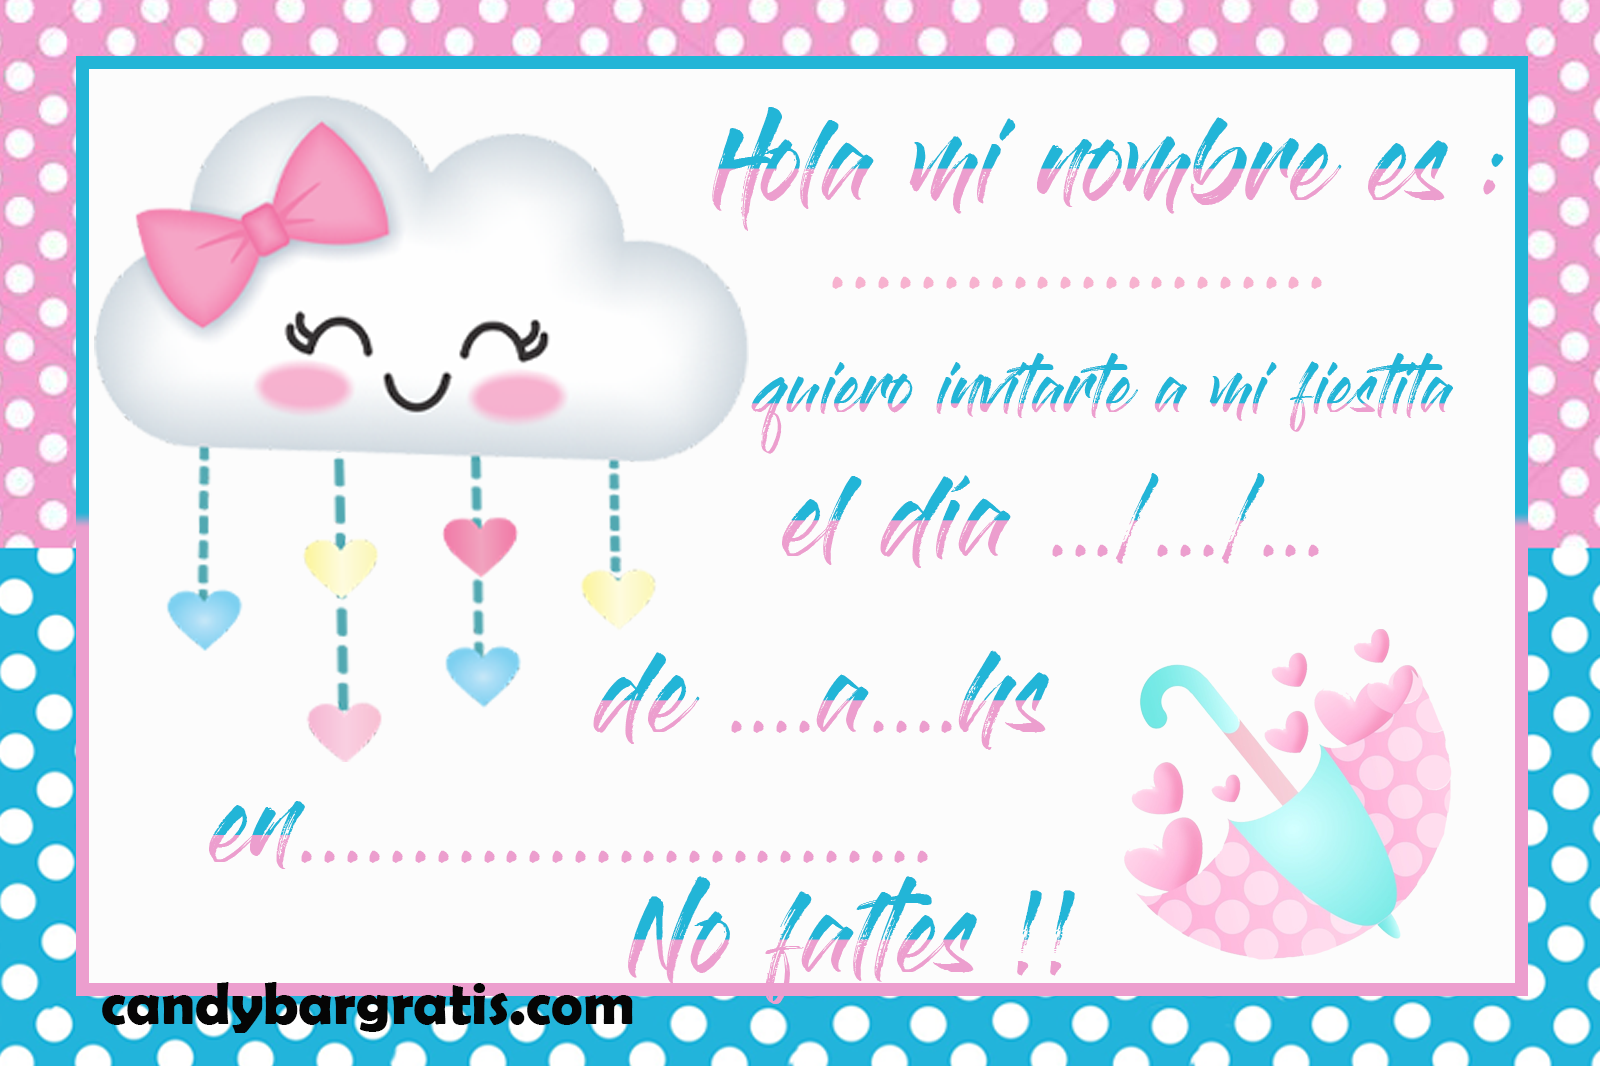 invitacion-tarjetita--candy bar lluvia de amor 2 kit imprimible